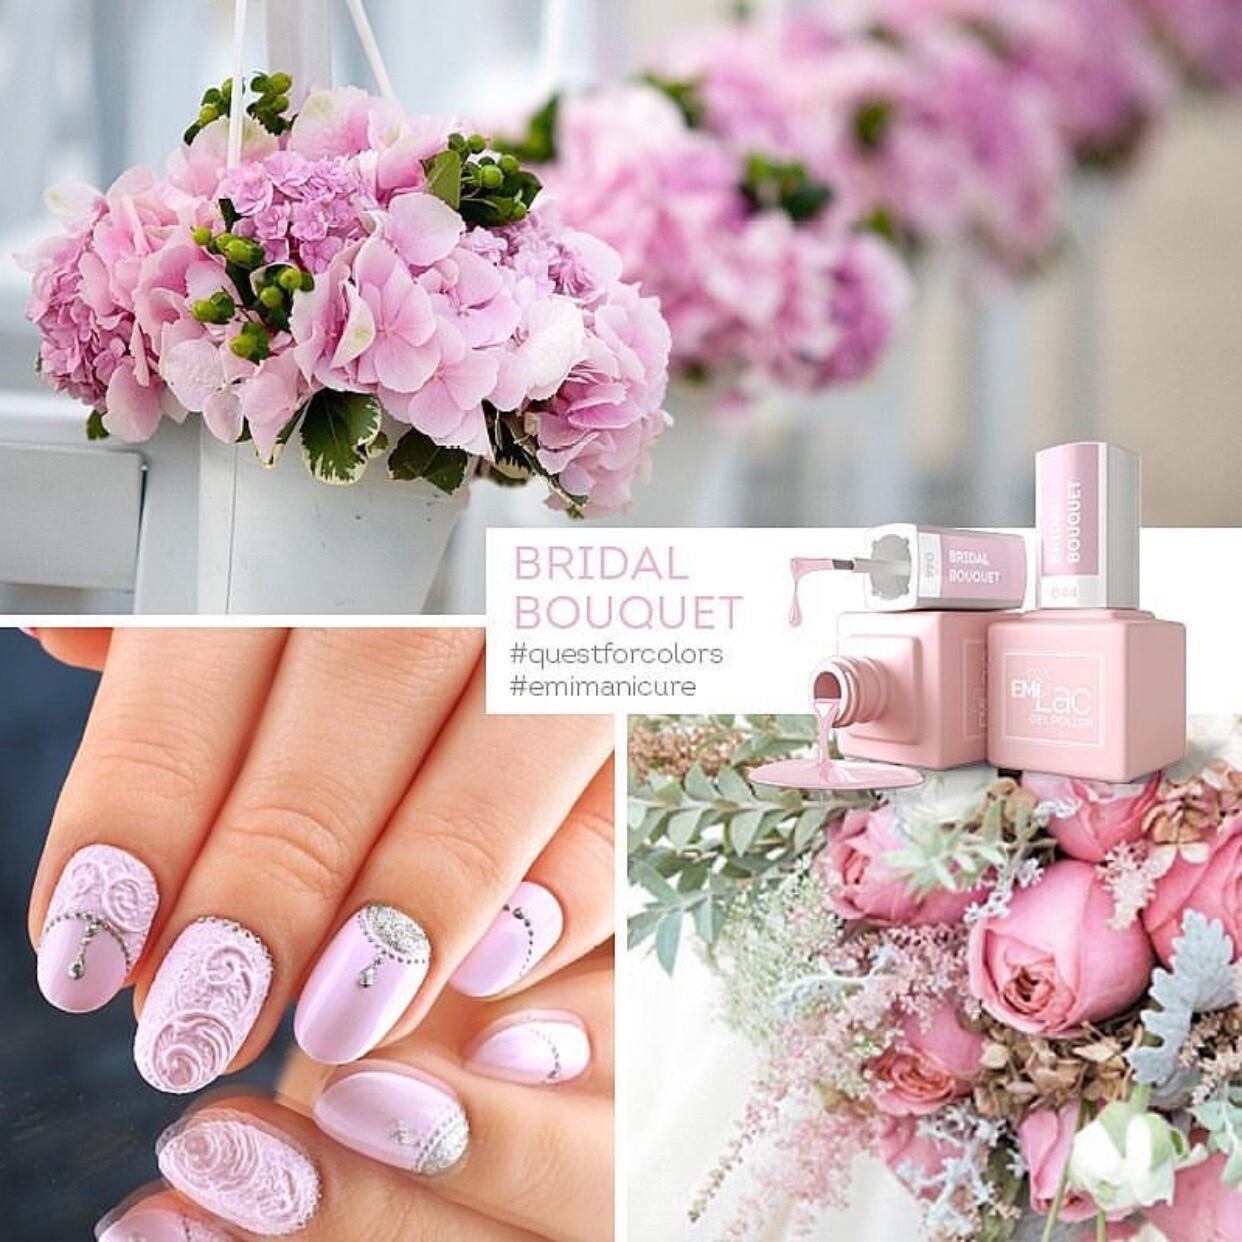 E.MiLac SE Bridal Bouquet #044, 9 ml.